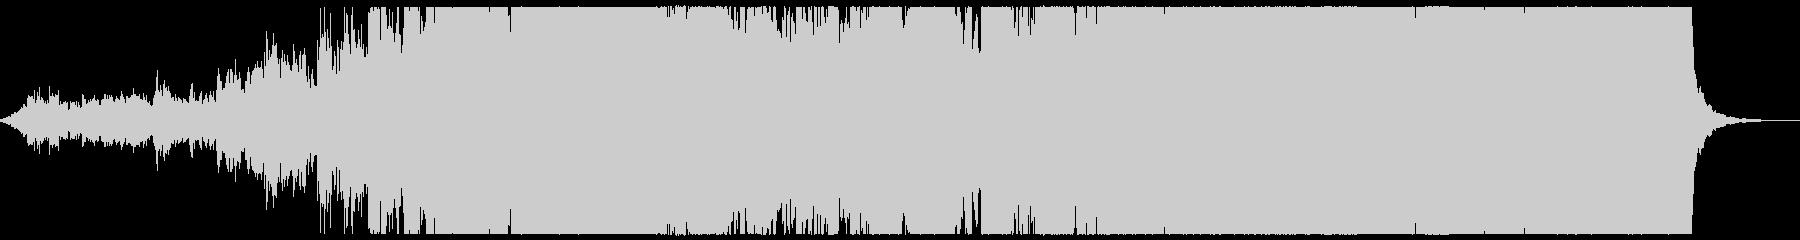 アンビエント 感動的なピアノの曲の未再生の波形